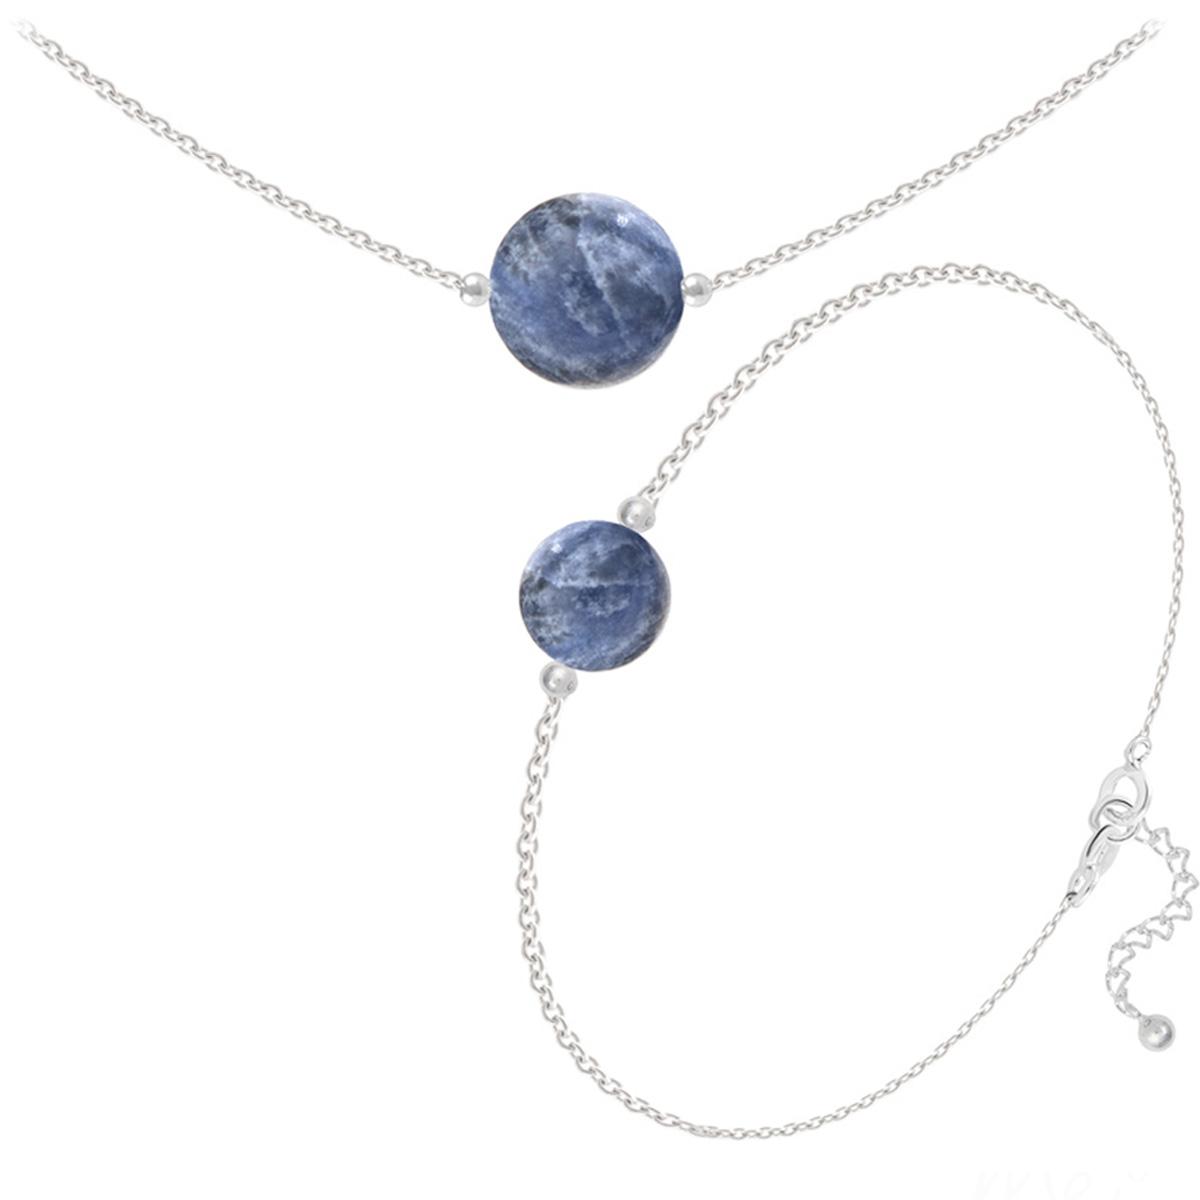 Parure argent artisanal \'Mineralia\' sodalite argenté - 10 et 8 mm (collier & bracelet) - [Q4684]